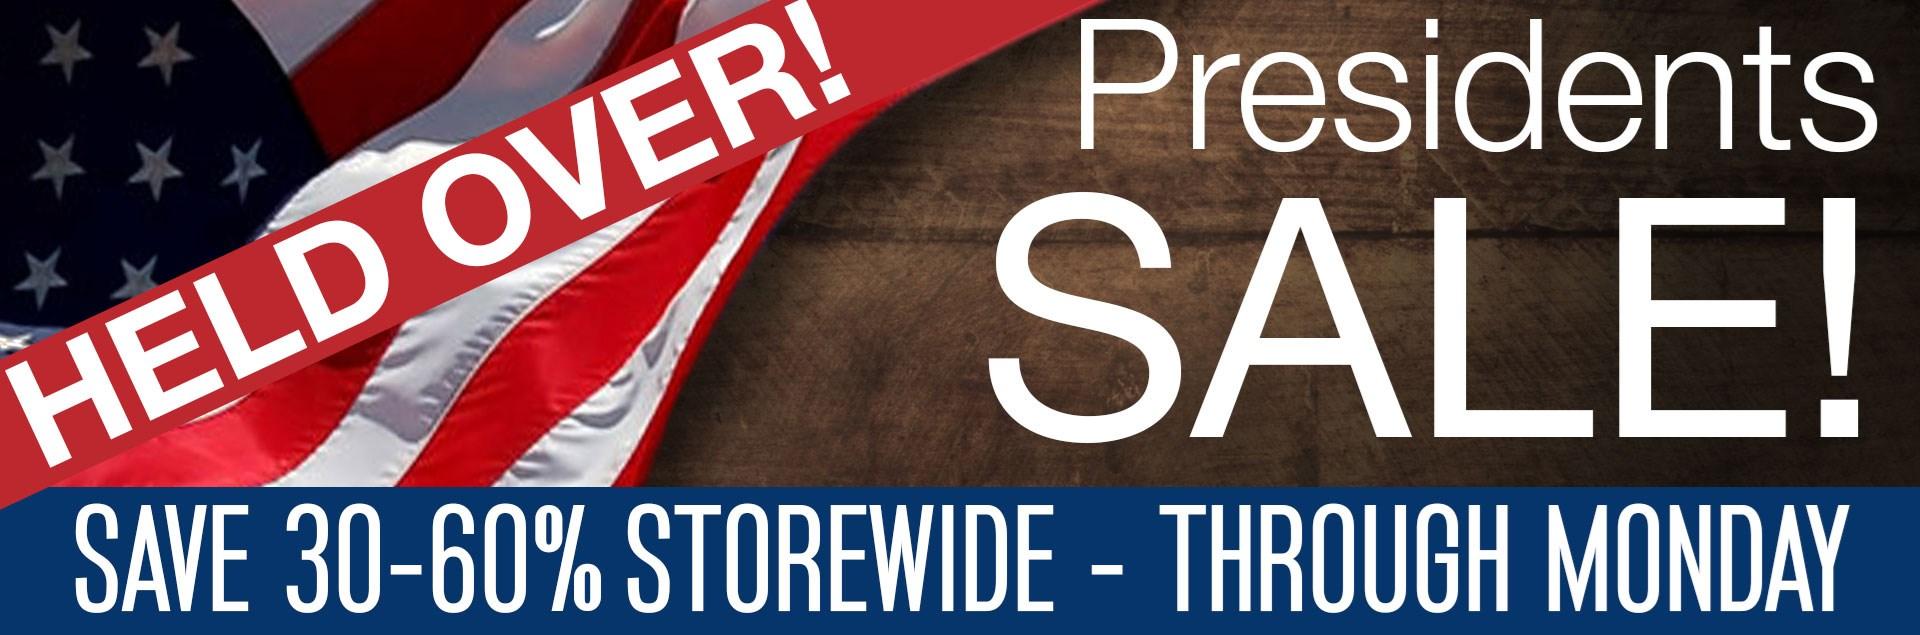 Presidents Day Sale Heldover